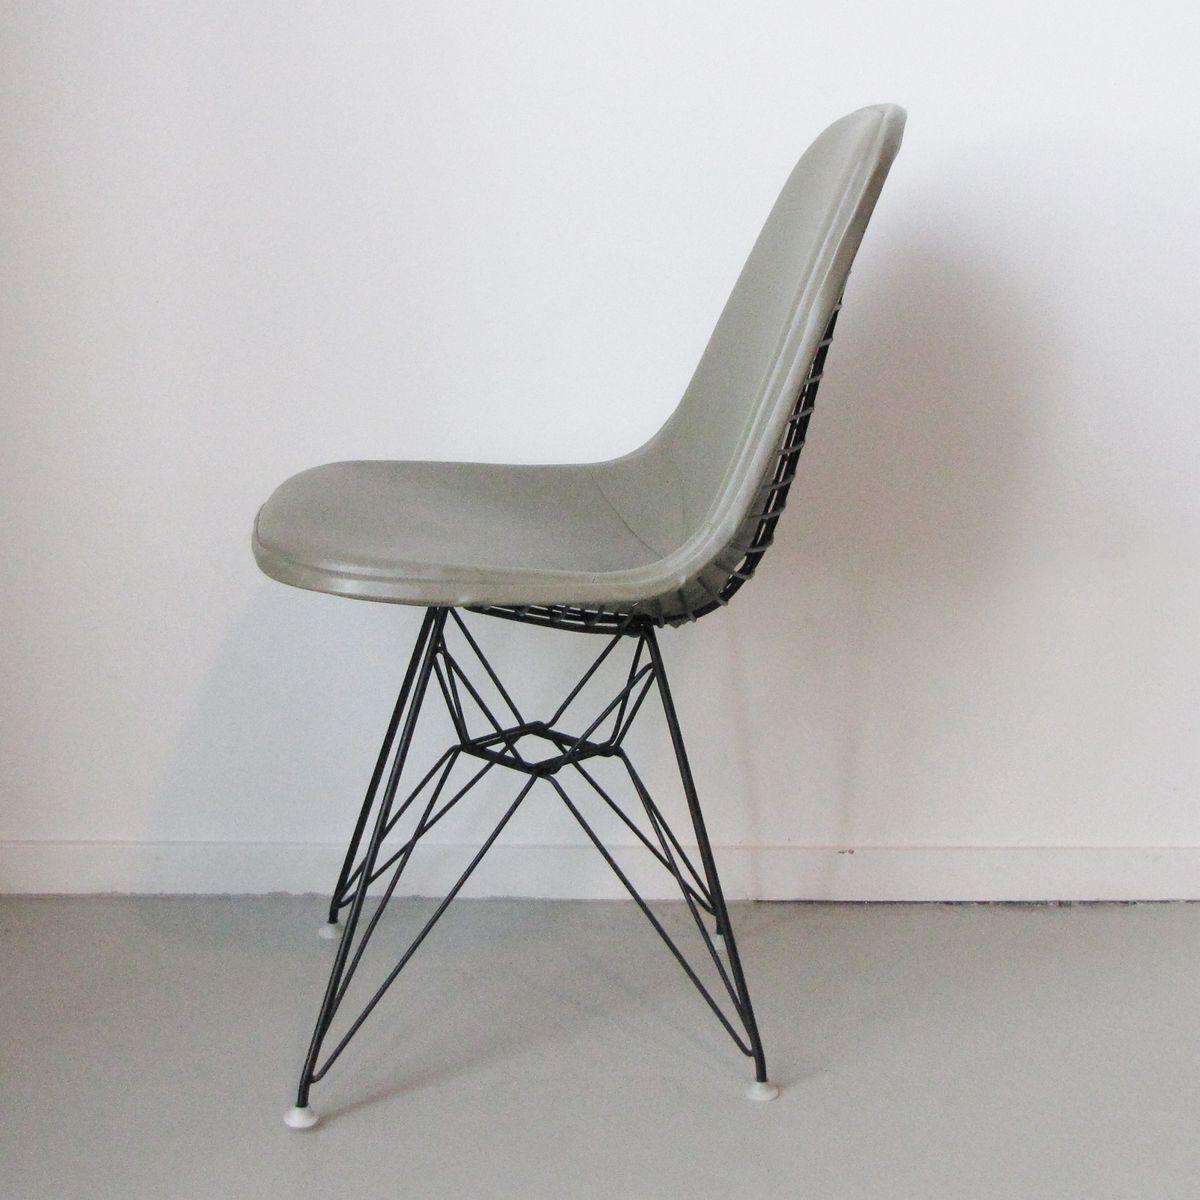 dkr 1 stuhl von charles ray eames f r herman miller bei. Black Bedroom Furniture Sets. Home Design Ideas